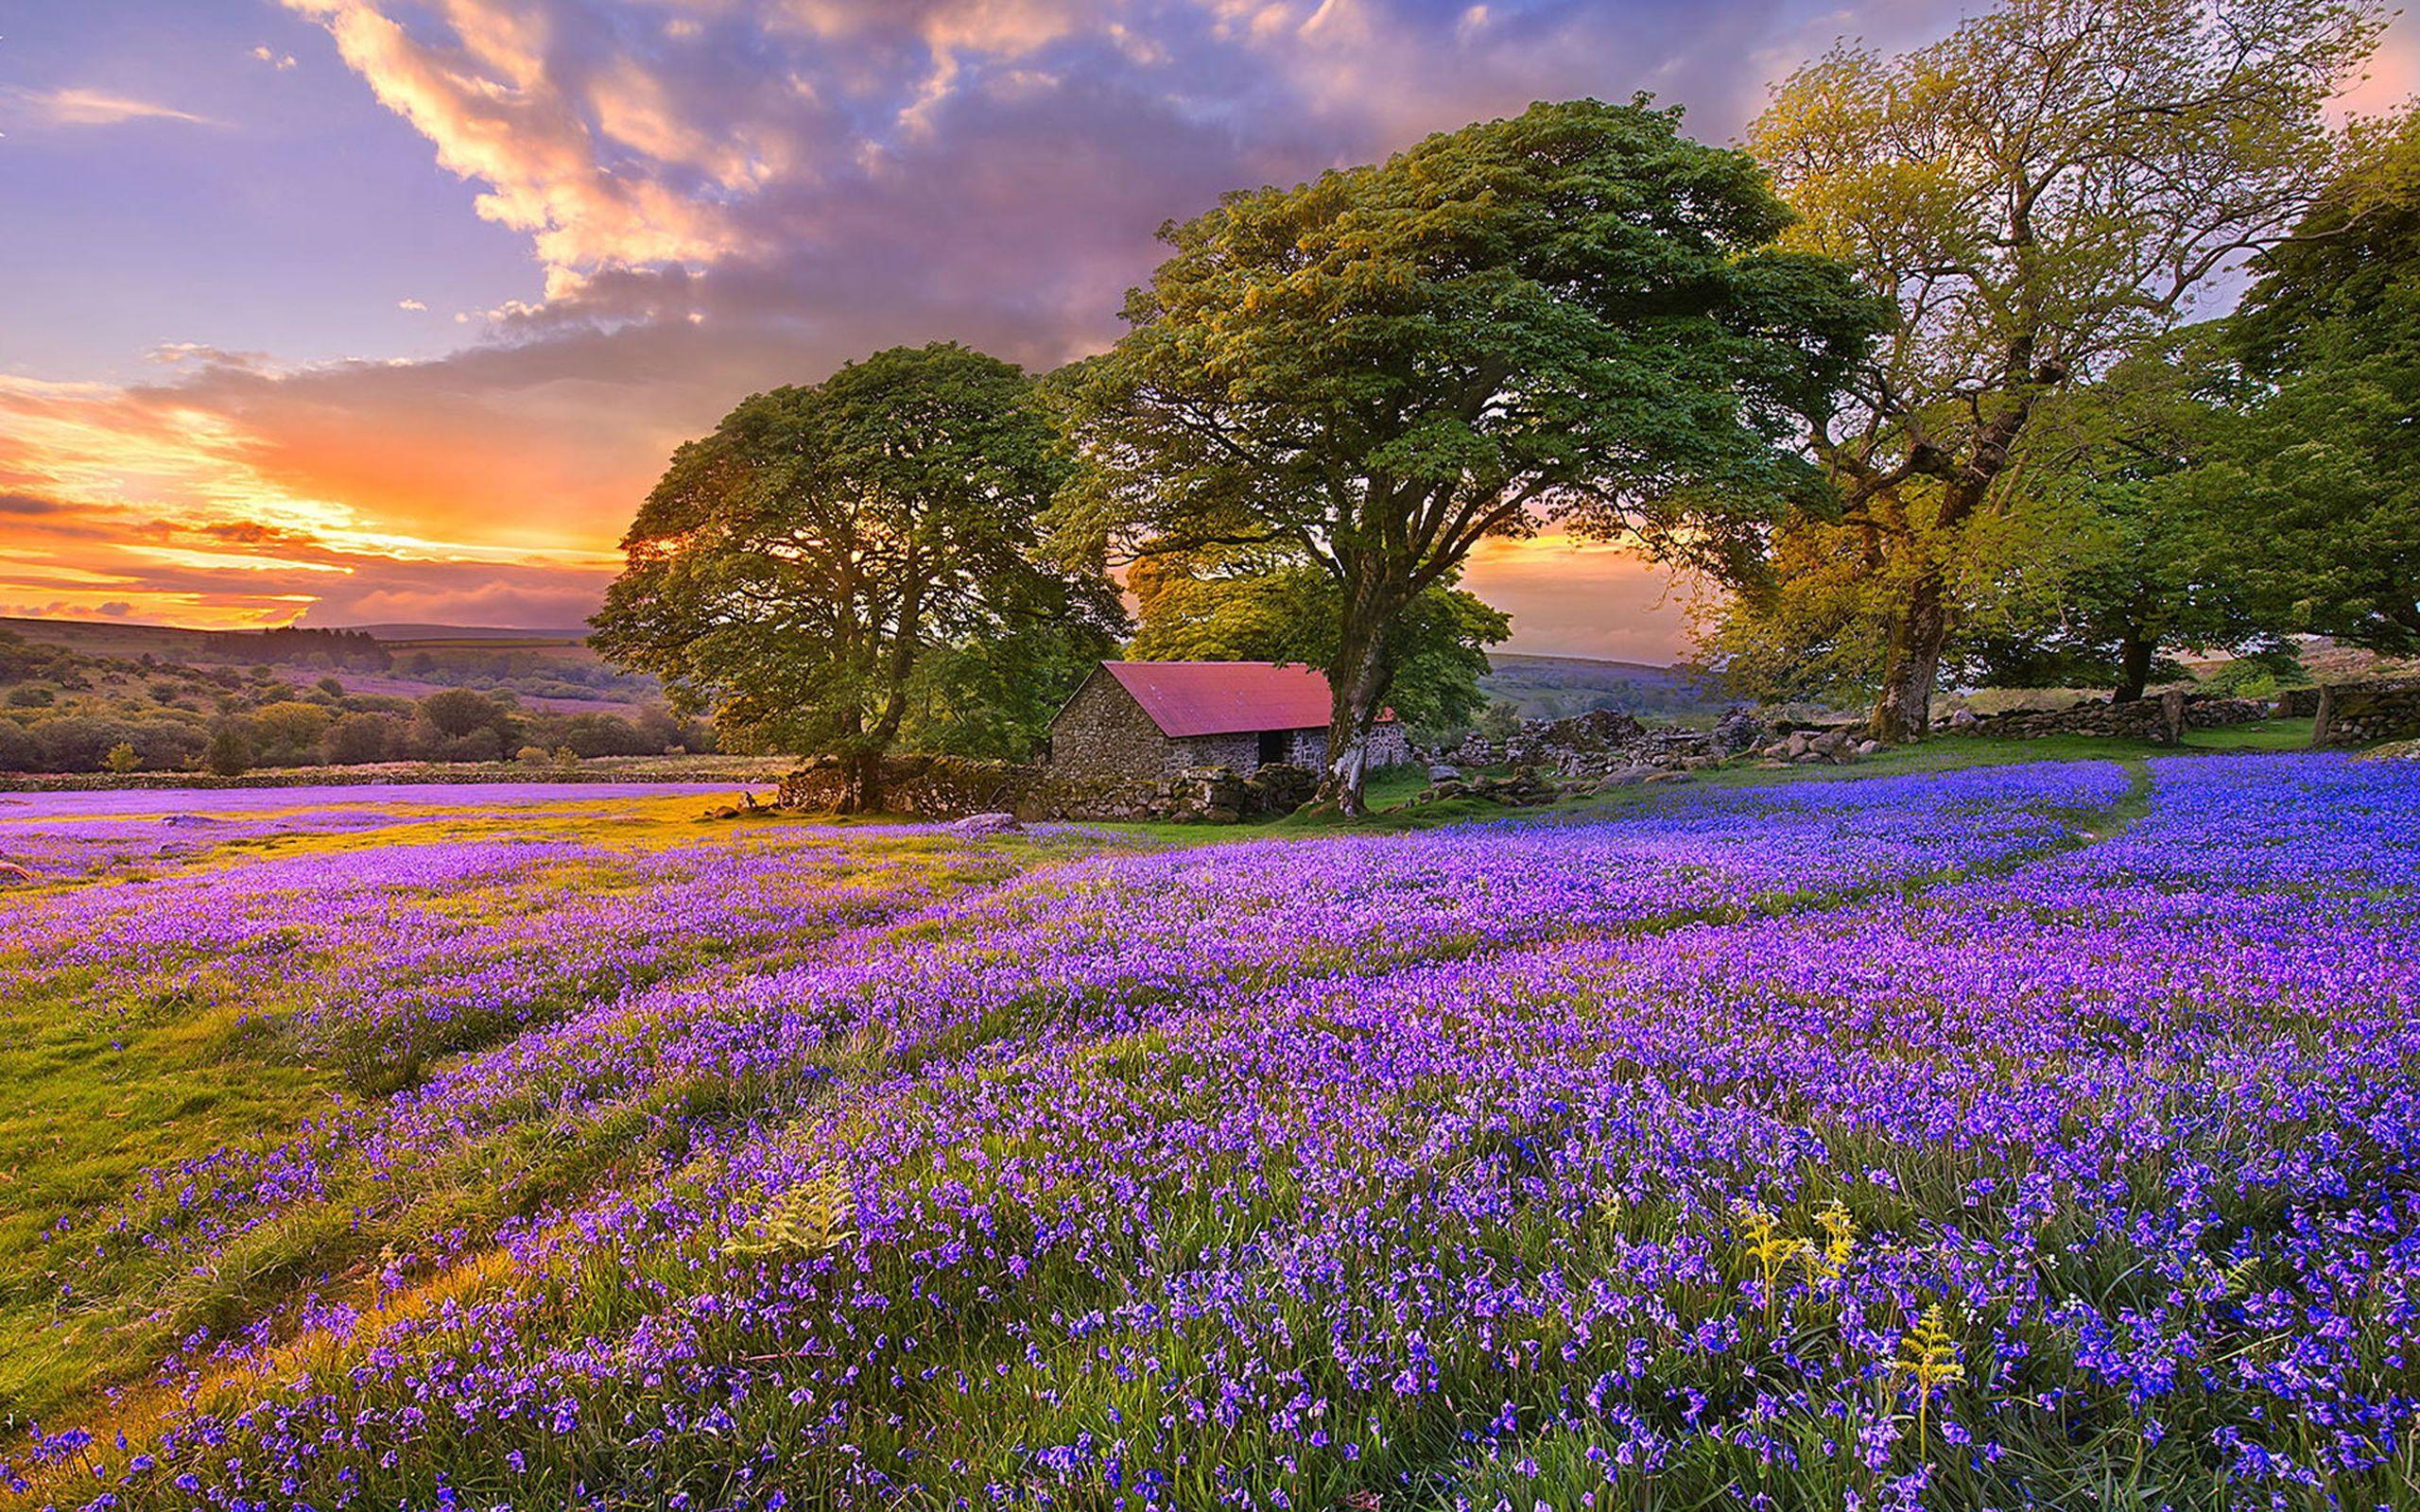 Sunset on the Flower Field HD Wallpapers | Flower Fields ...